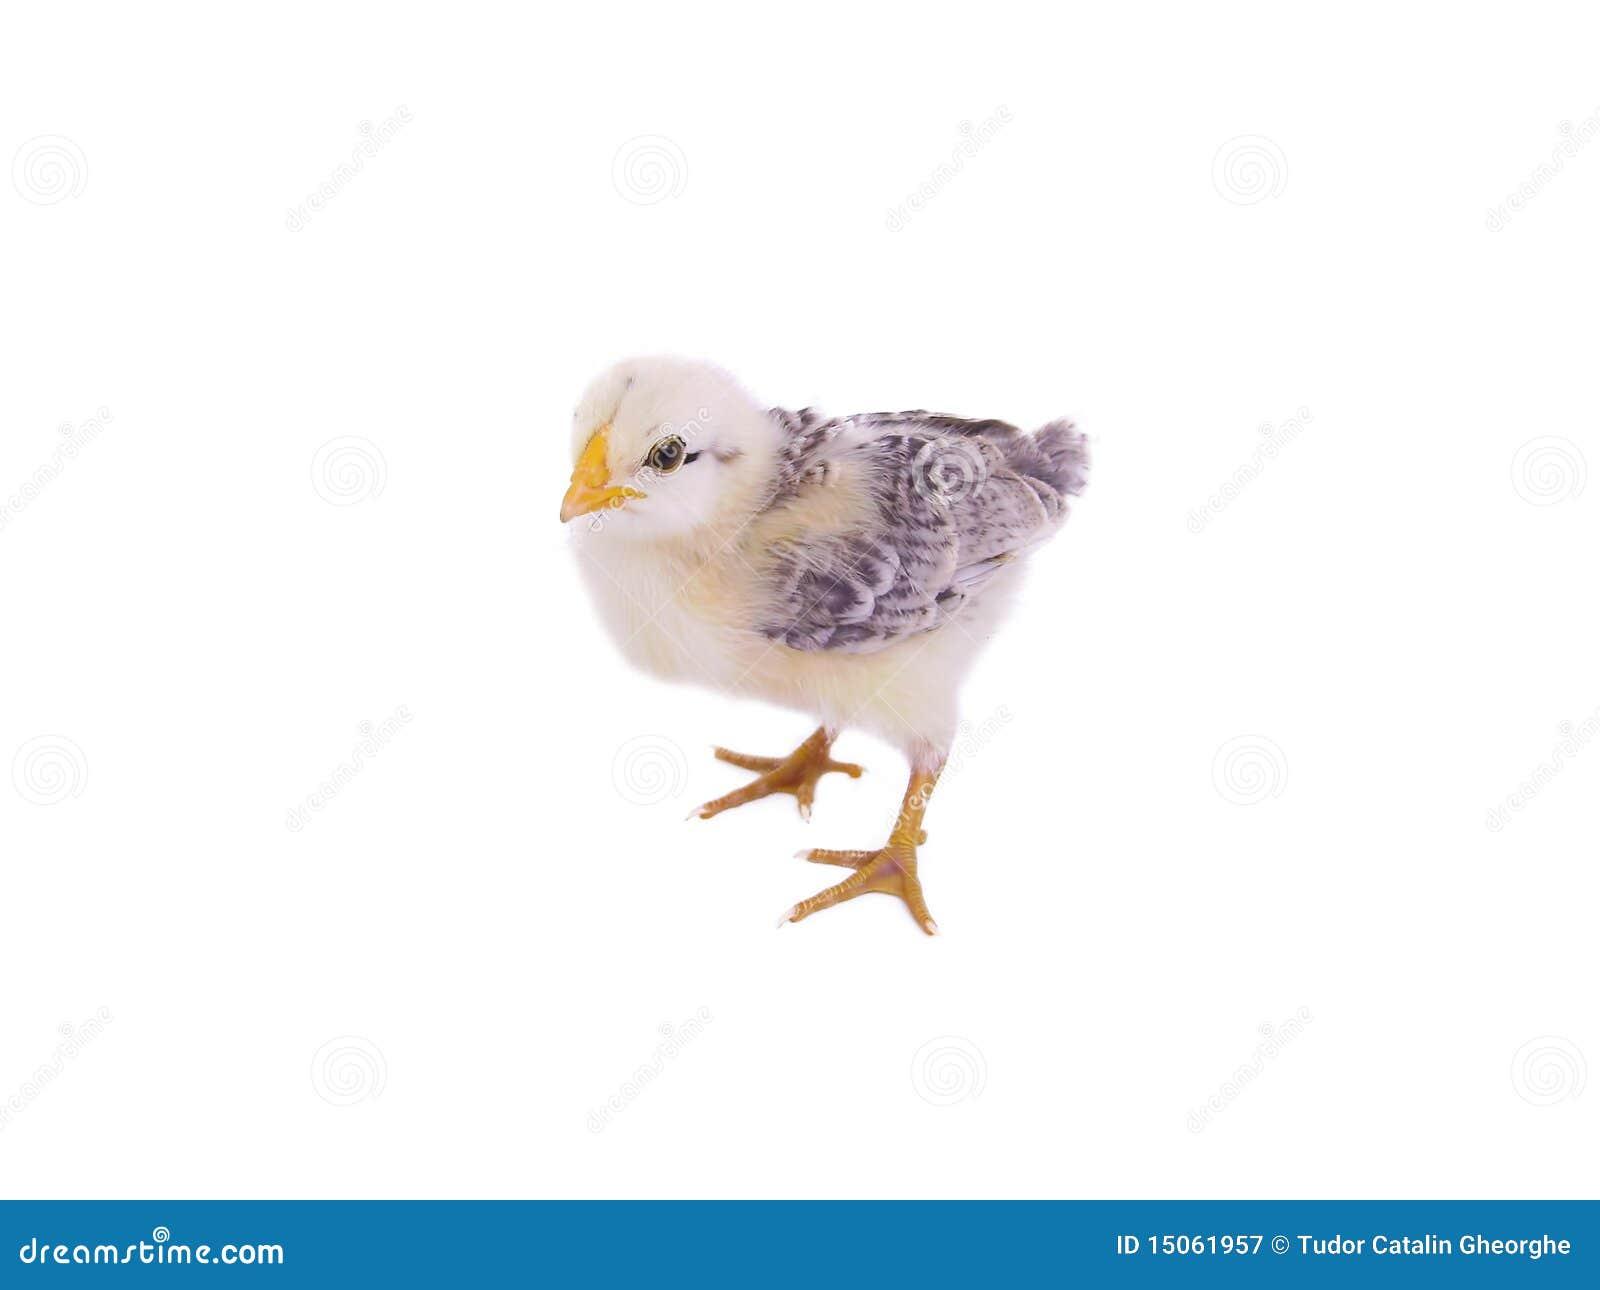 Fotografia stock libera da diritti: pollo del bambino